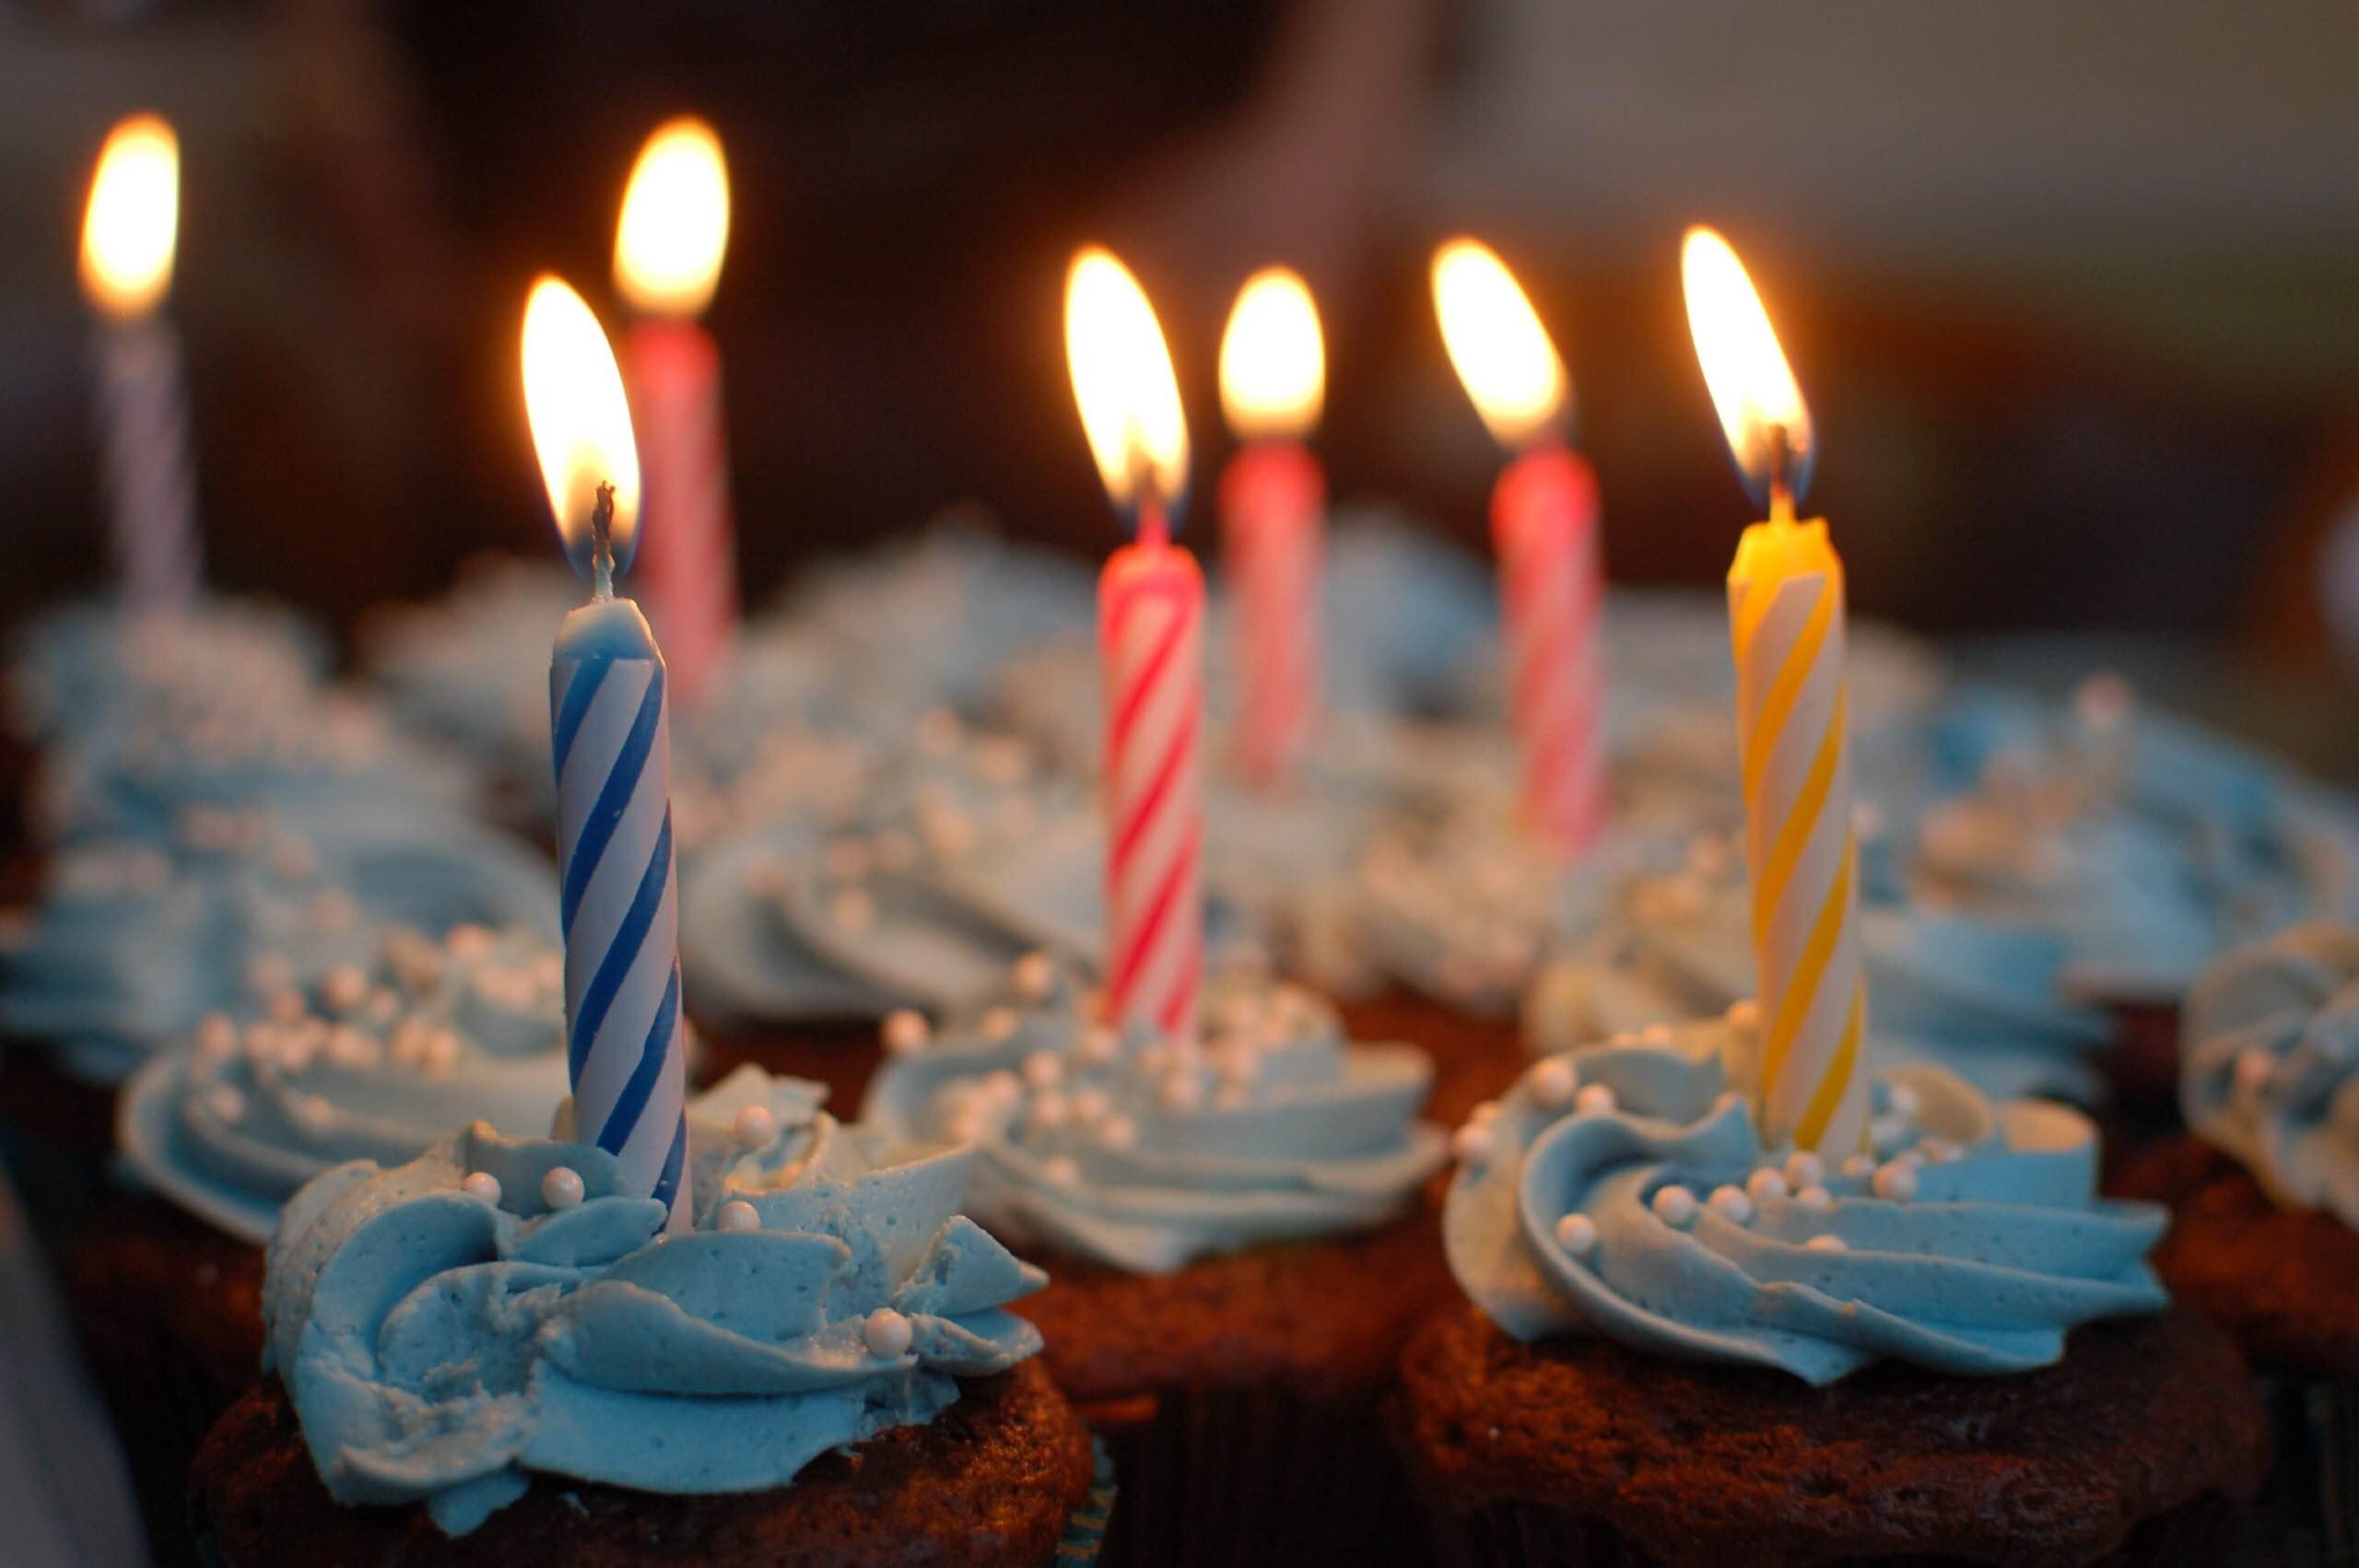 Compleanno: i miei primi 40 anni - immagine in CC pubblicata da tatianaberlaffa.com